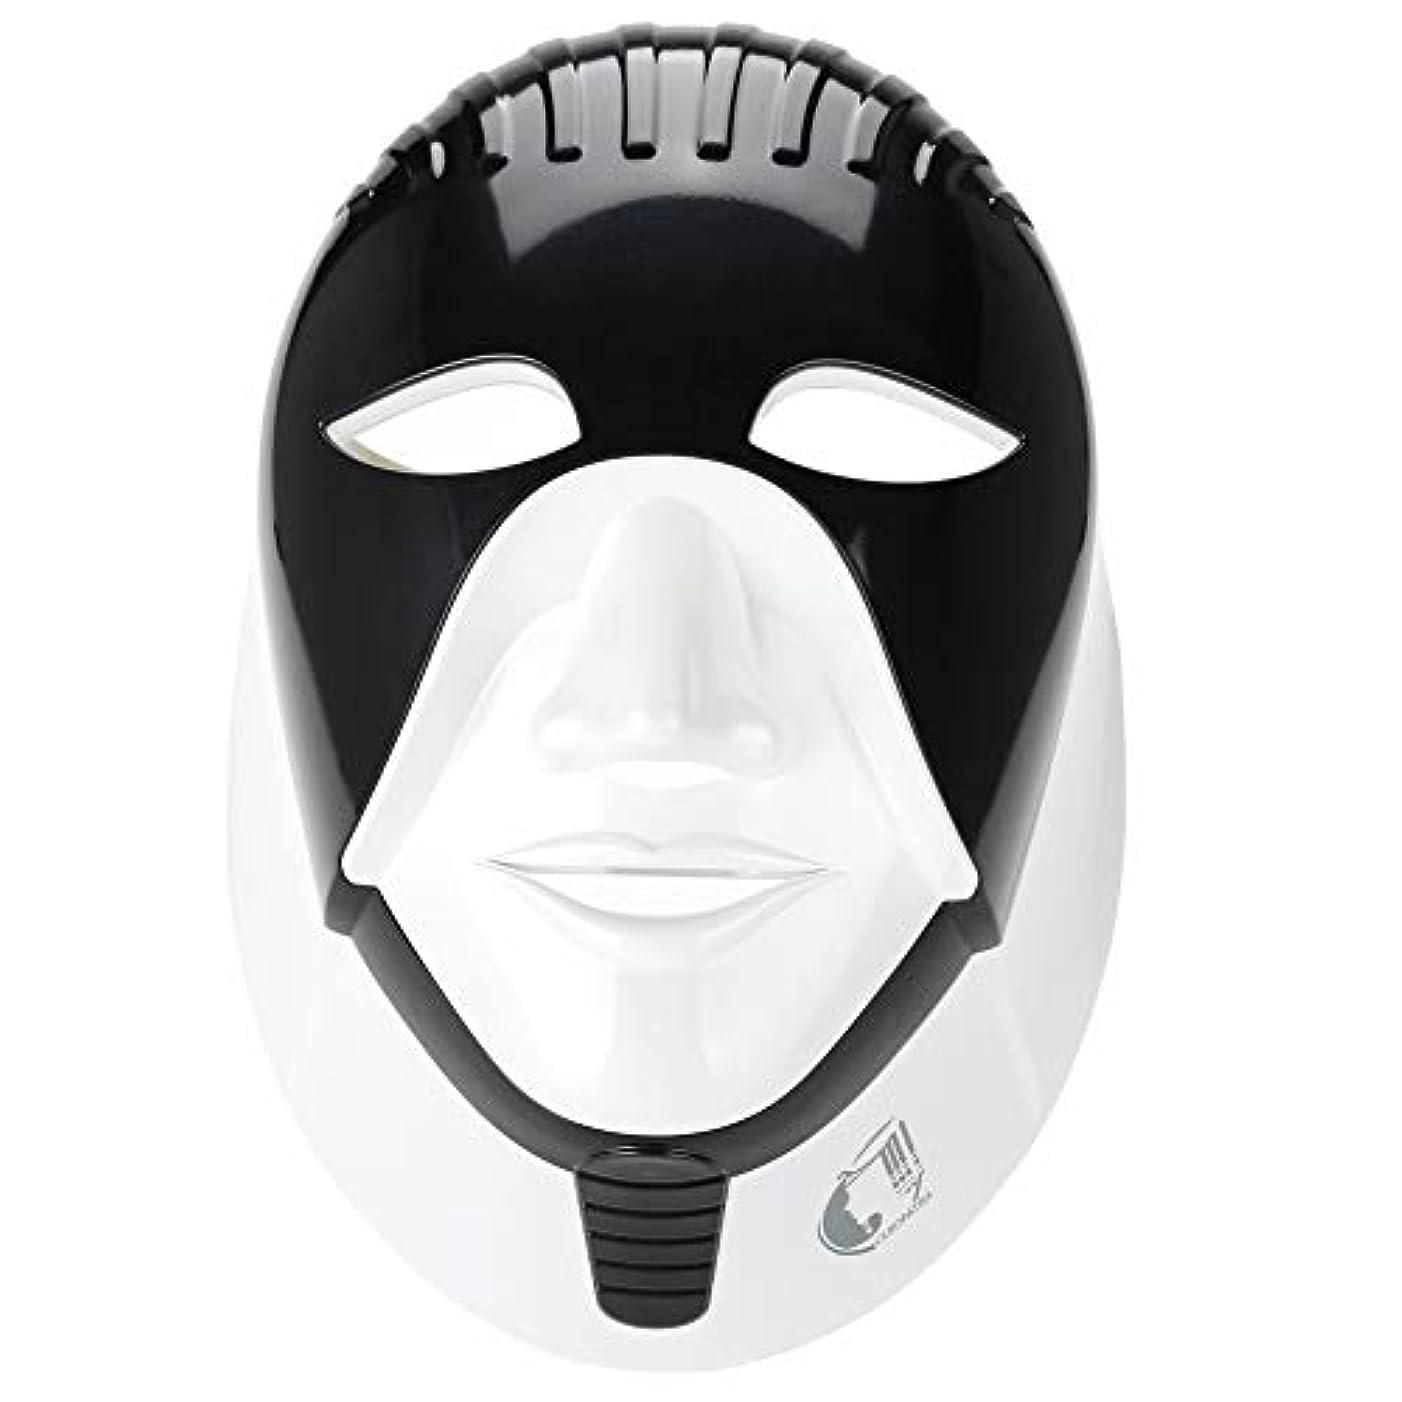 規範安心させる後ろ、背後、背面(部7色は顔のマスクの皮の若返りのアクネの取り外しの顔のスキンケアのマスクの健康な皮の若返りの表面首の鉱泉を導きました(4#)